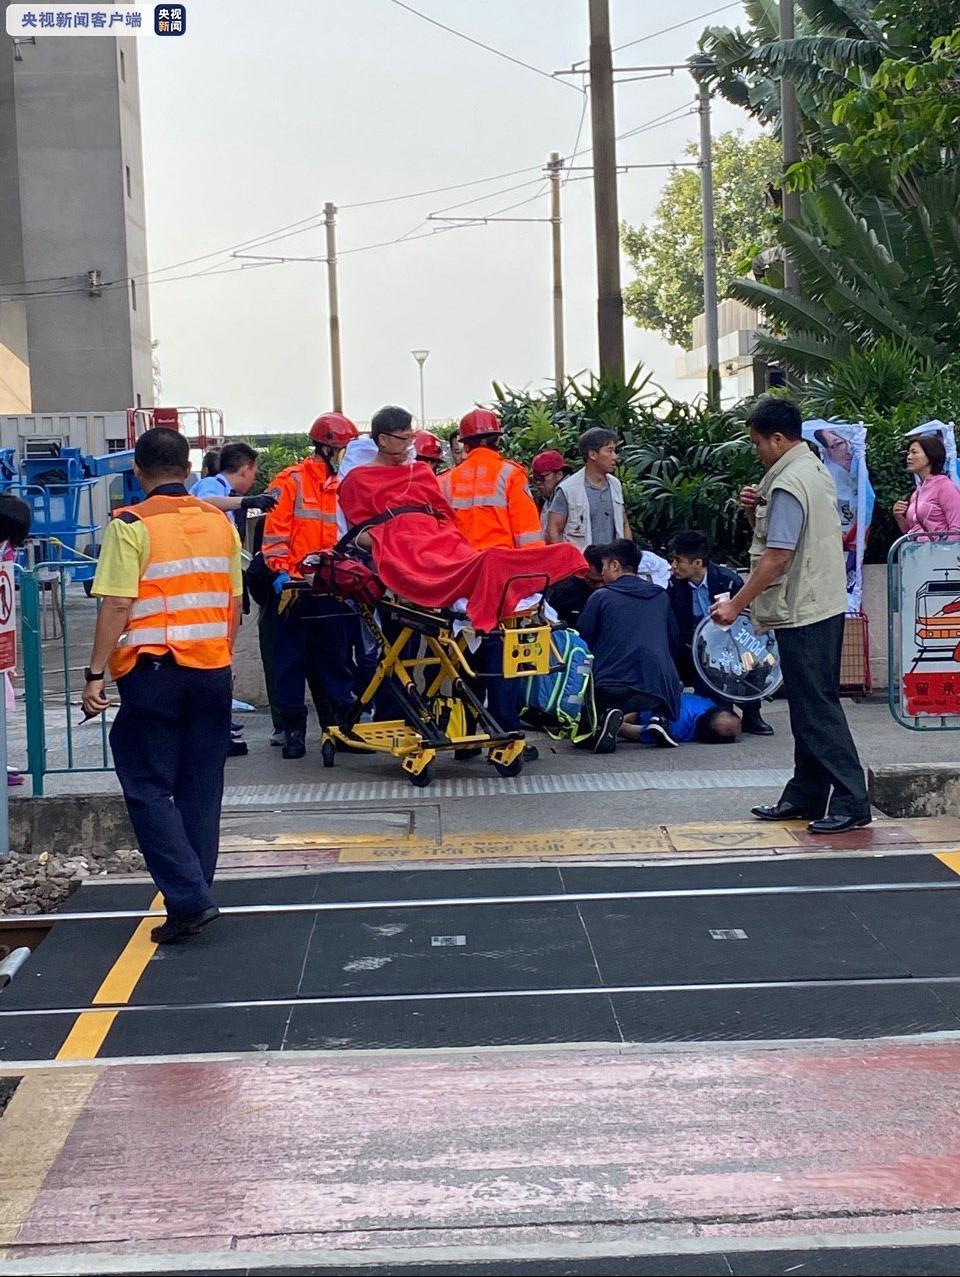 香港立法会议员何君尧遇袭受伤,警方拘捕一涉案者,特区政府对袭击行为表示强烈谴责(图1)